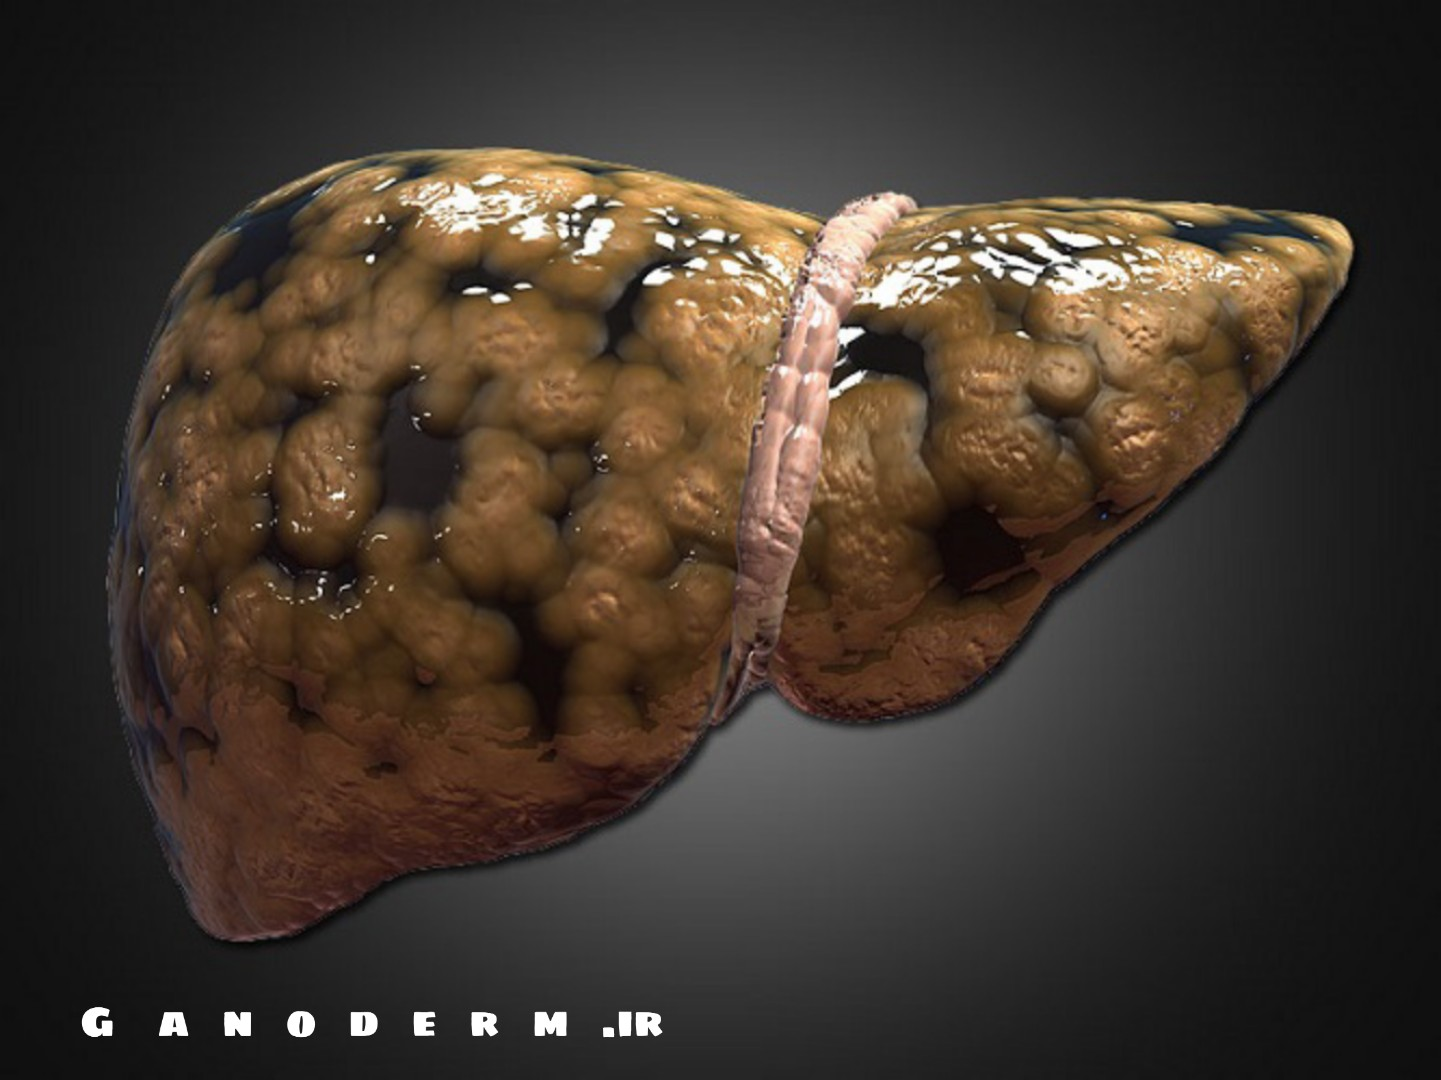 درمان کبد چرب با گانودرما